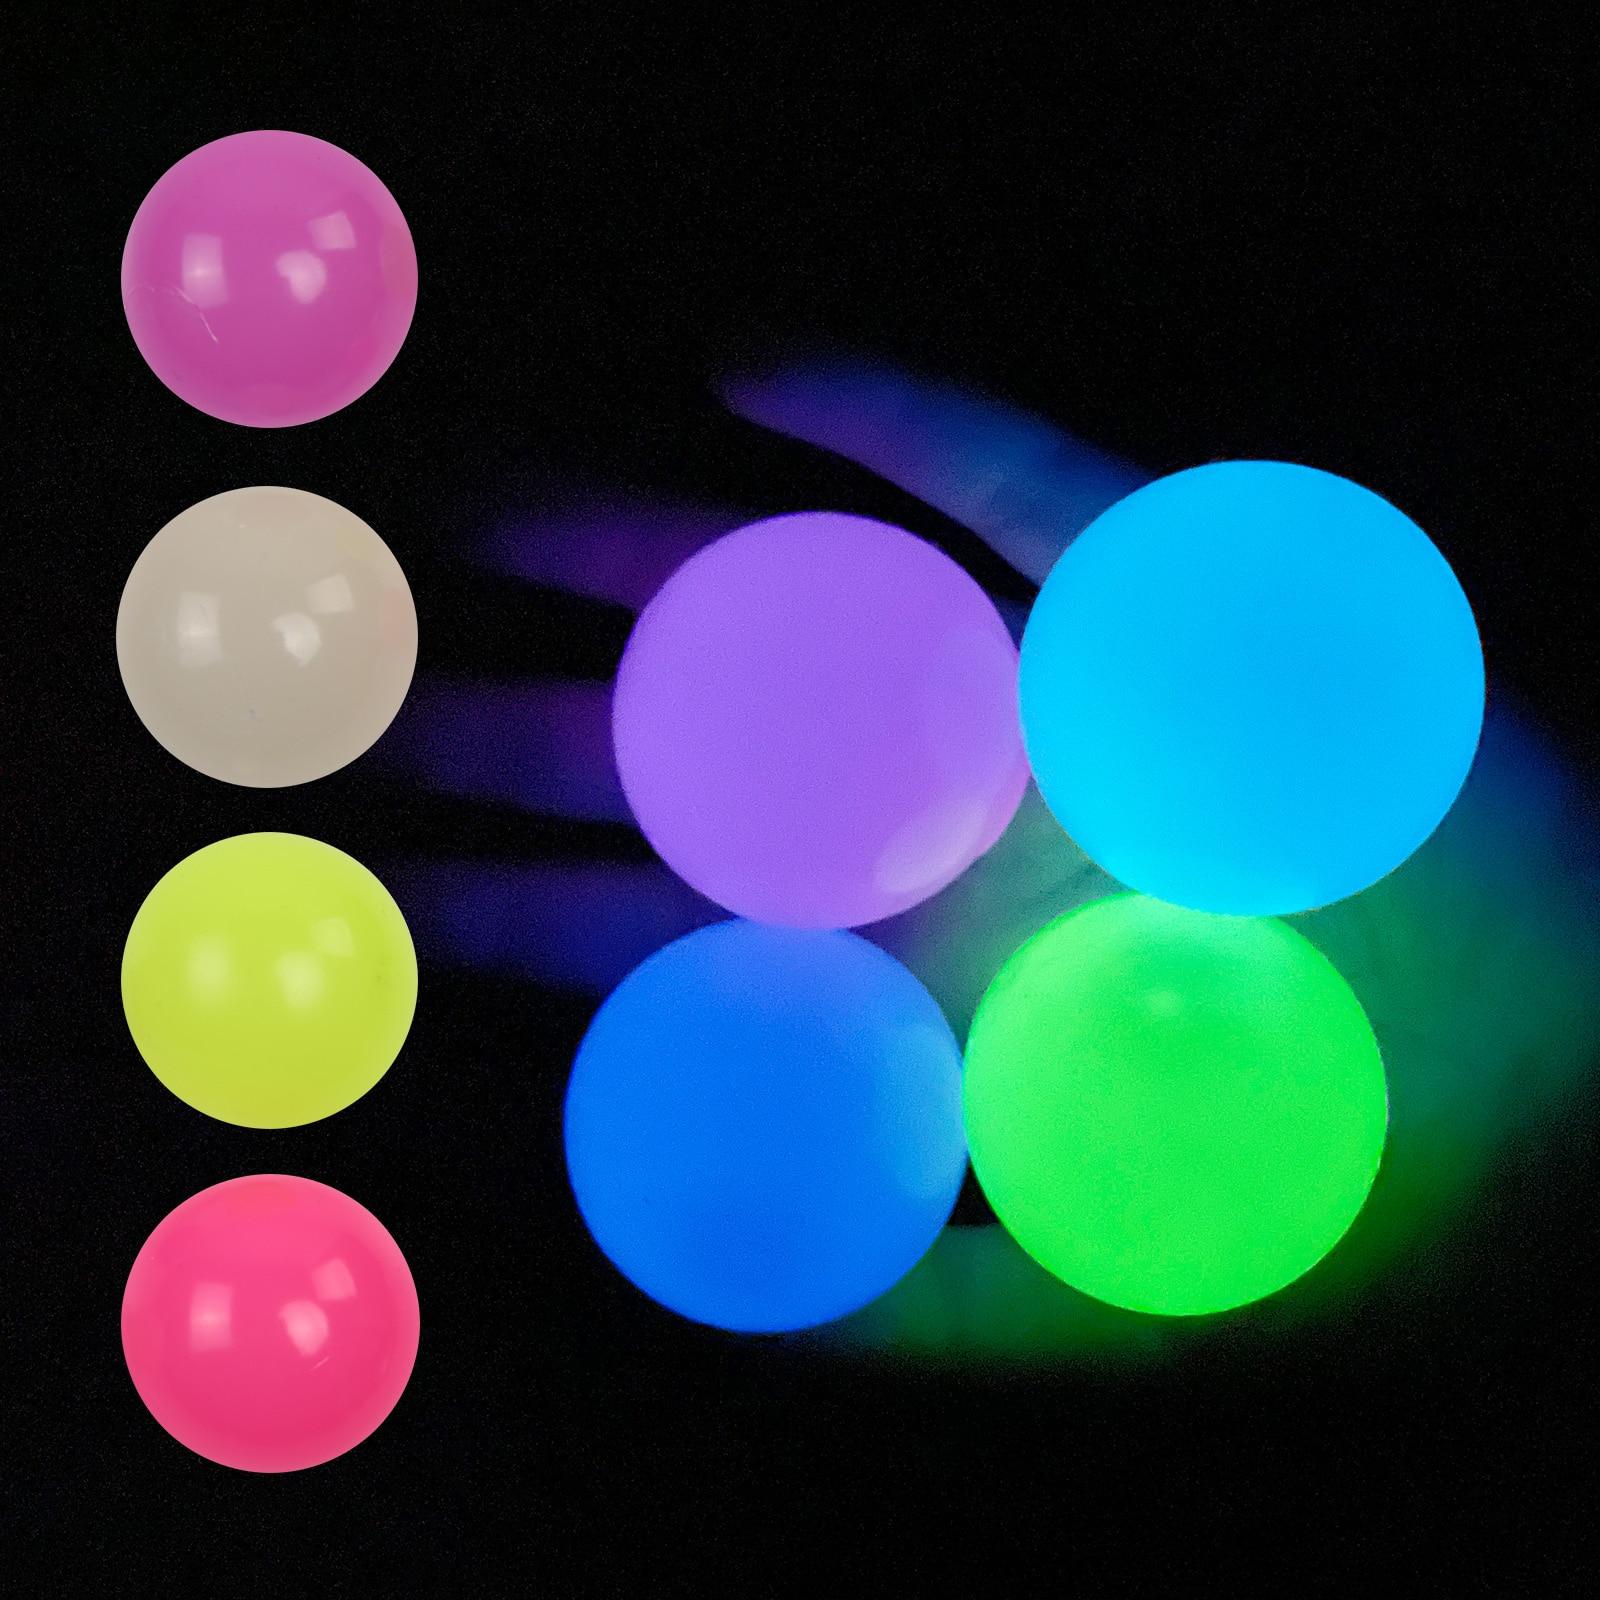 4 шт. Светящиеся Настенные шарики-мишени на присоске, липкие игрушки для декомпрессии для детей, подростков, взрослые цветные игрушечные шар...